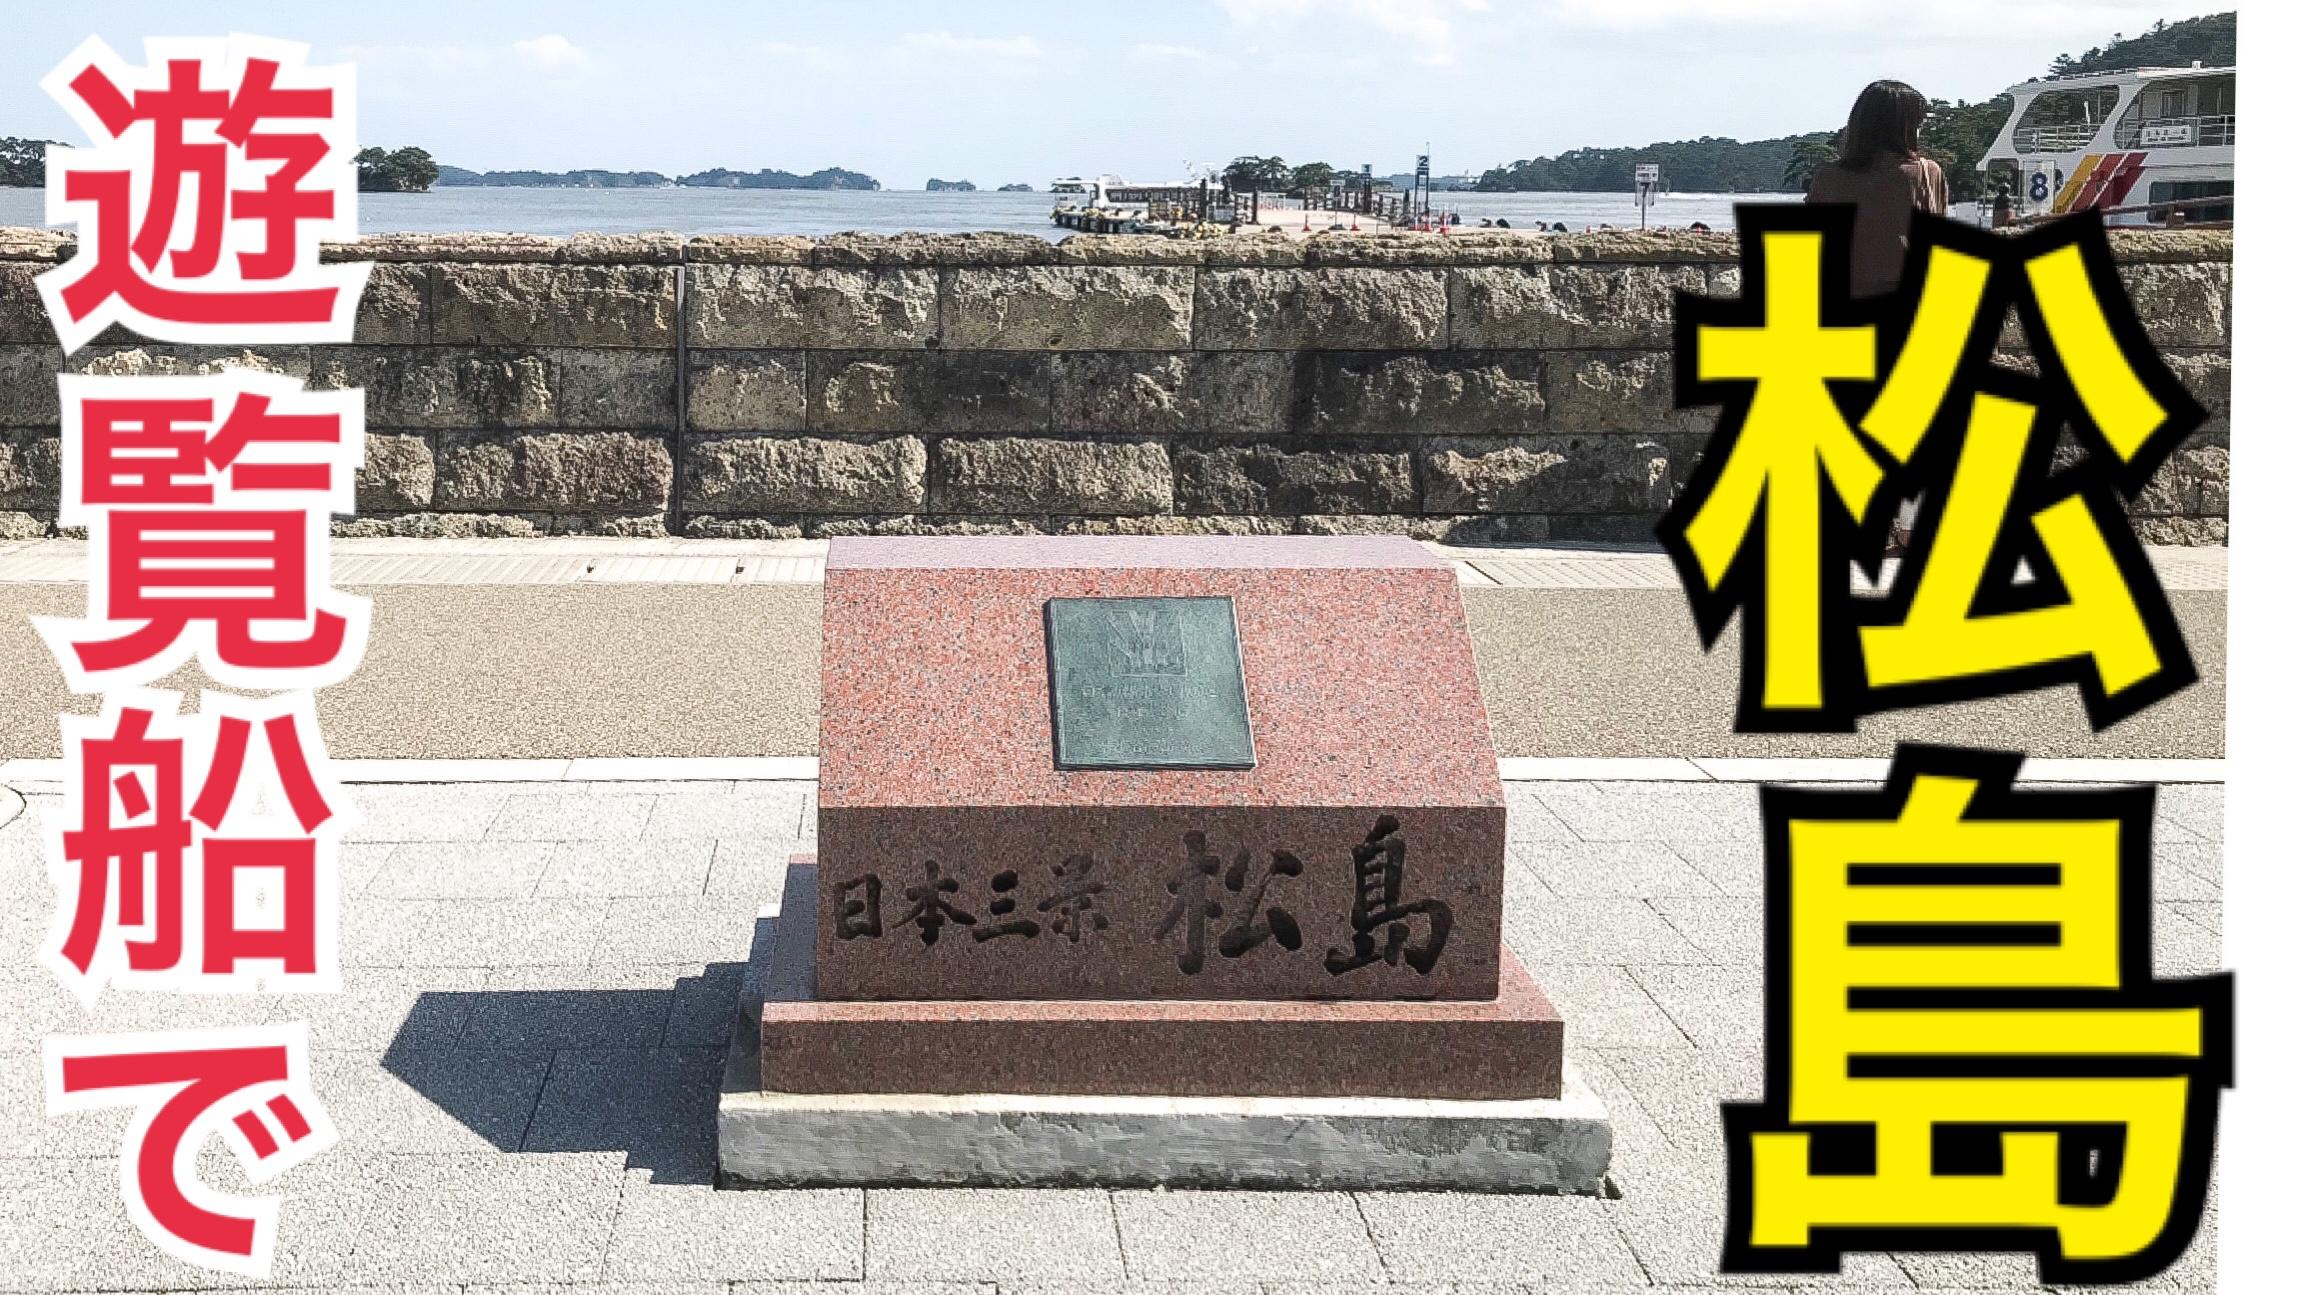 【お手軽】遊覧船で日本三景 松島を観光!美しい景色を手軽に楽しもう!【北海道東日本パスの旅2020】